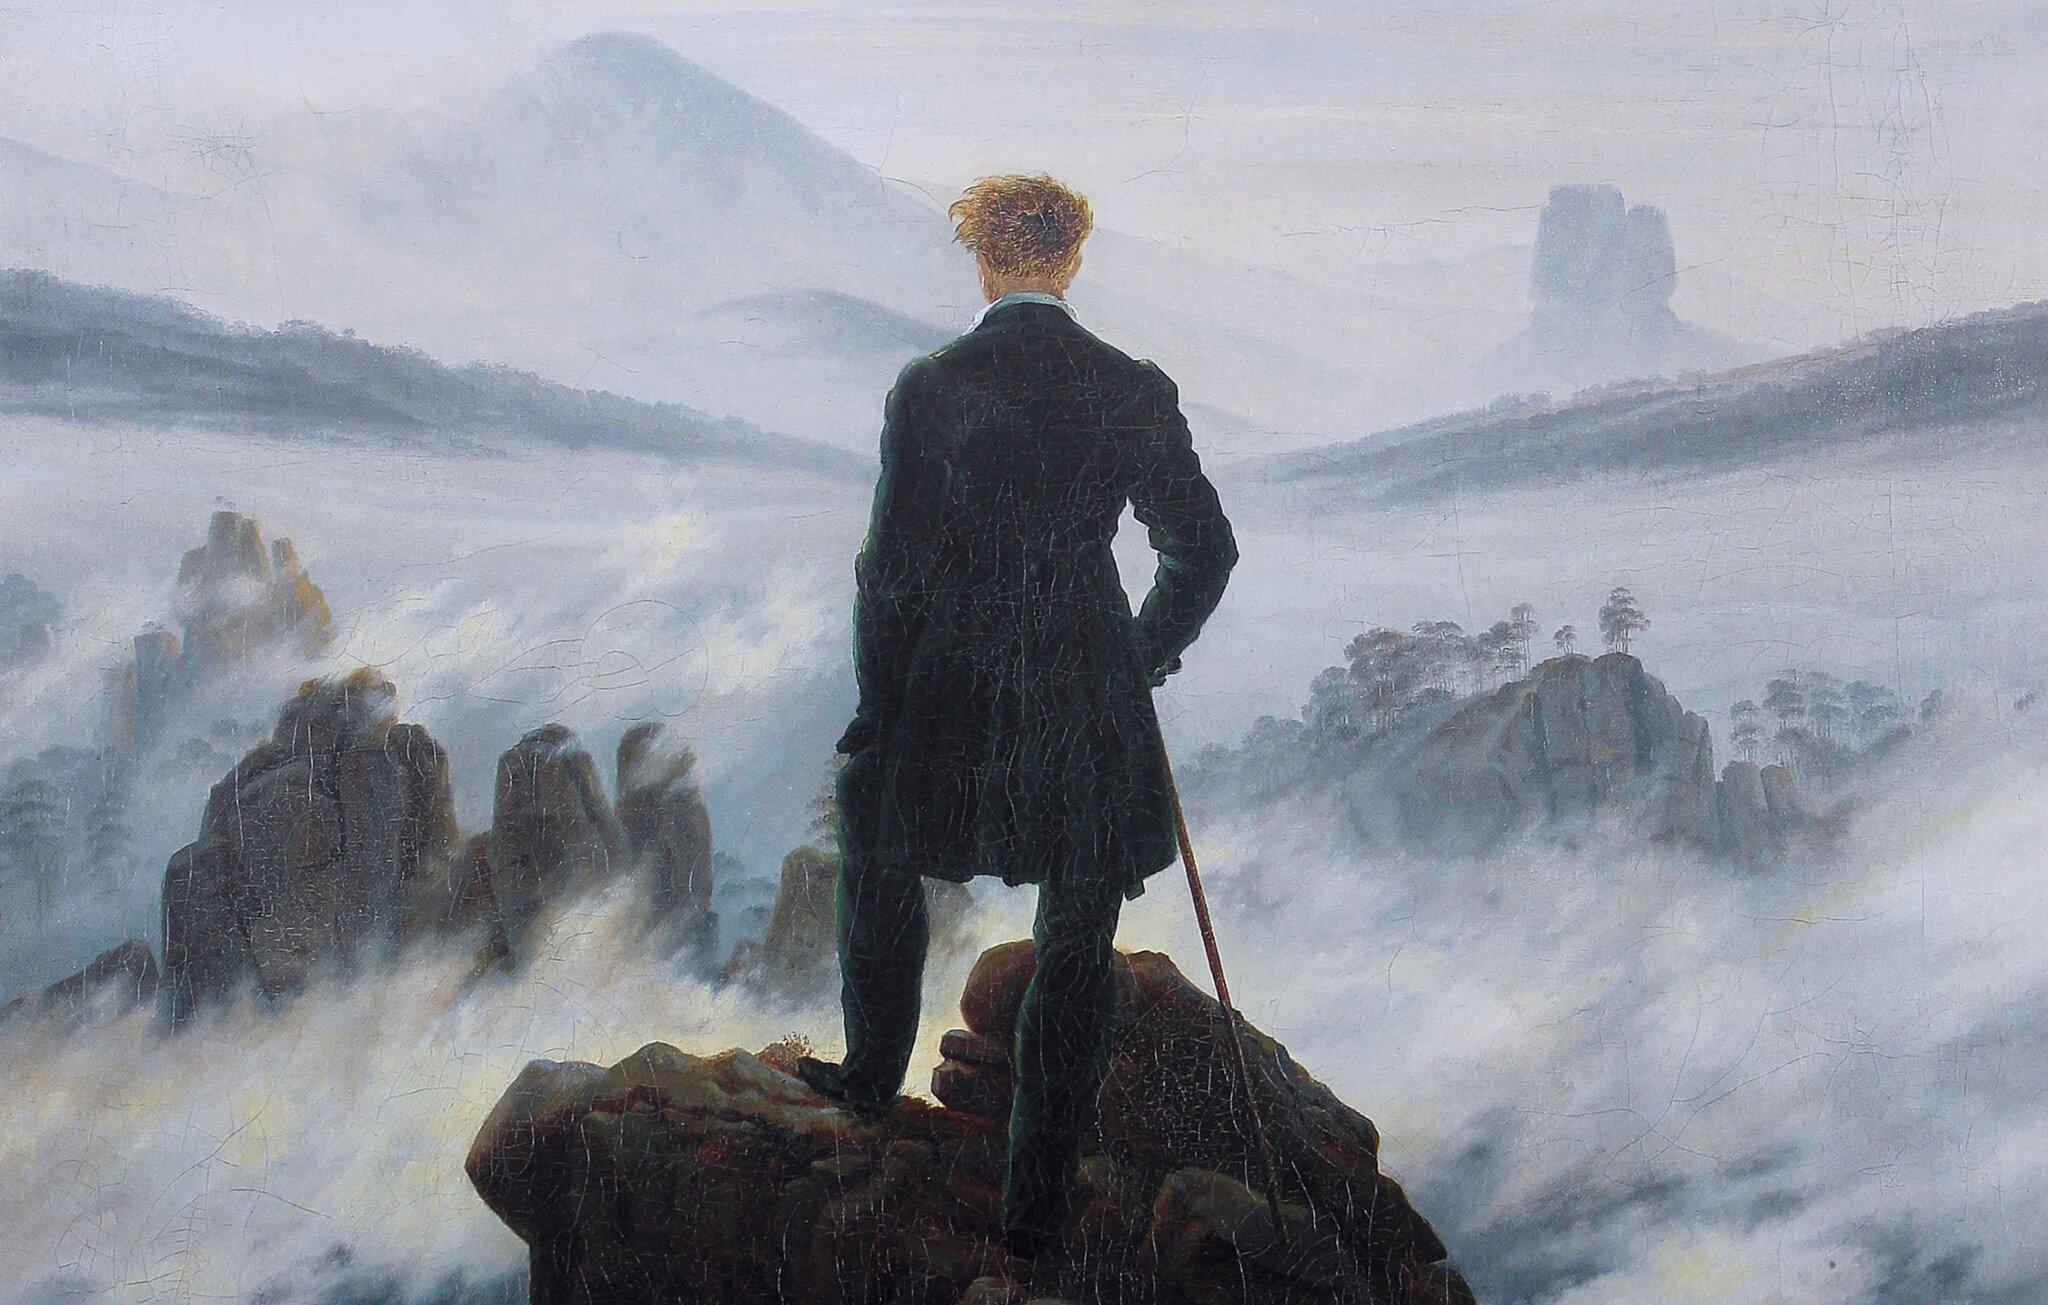 Wędrowiec nad morzem mgły [fragment] Źródło: Caspar David Friedrich, Wędrowiec nad morzem mgły [fragment], 1818, olej na płótnie, Hamburger Kunsthalle, Niemcy, domena publiczna.